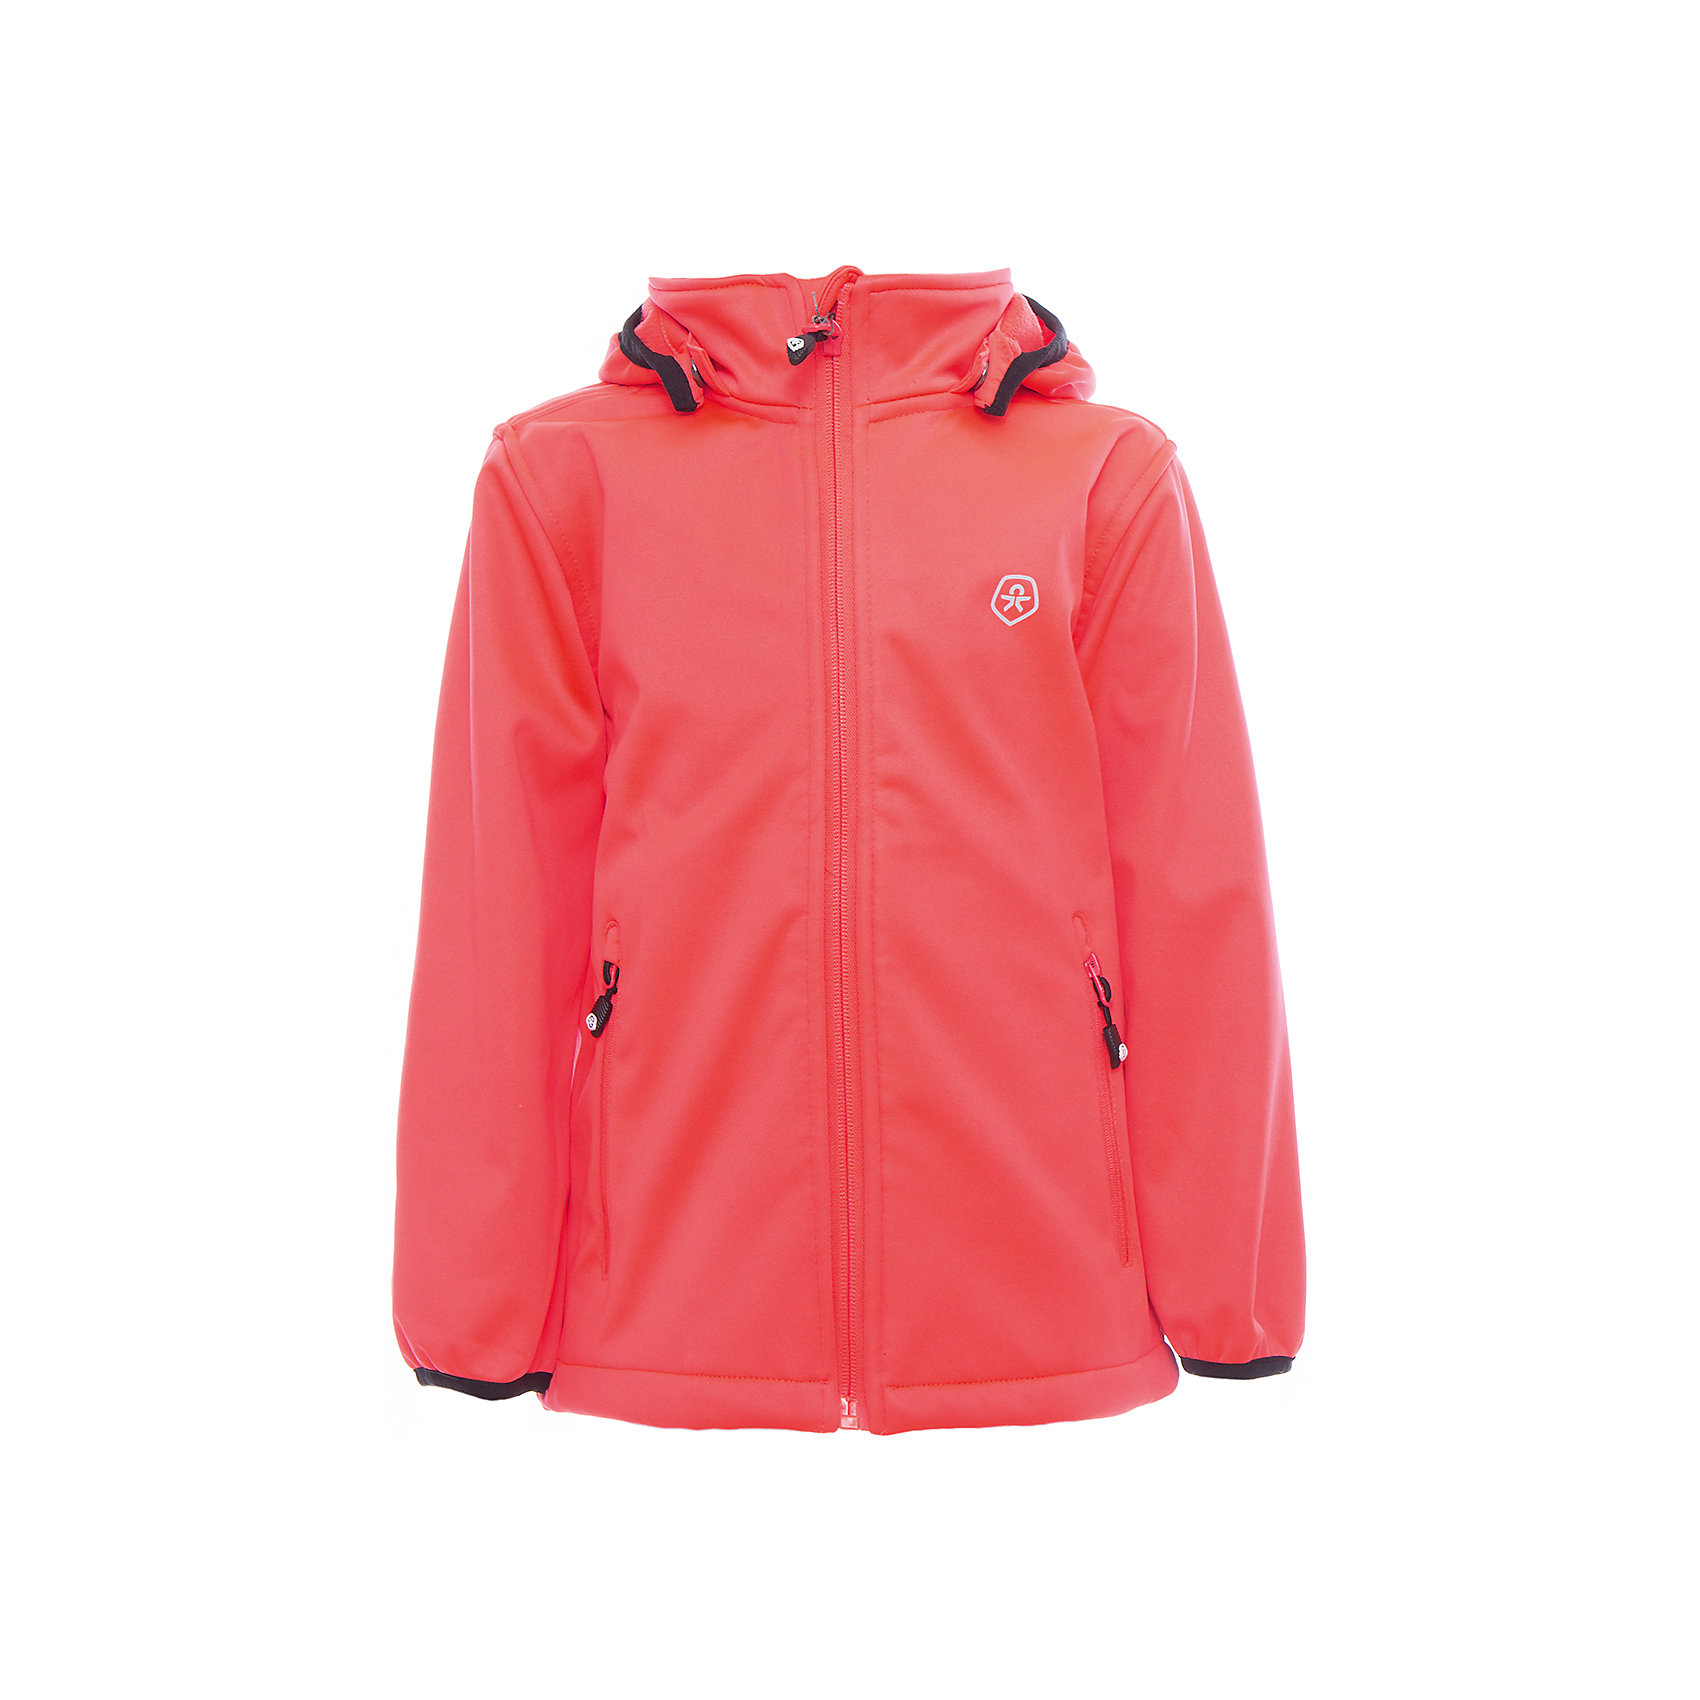 Куртка для девочки Color KidsКуртка для девочки от известного бренда Color Kids.<br>100 % полиэстер, softshell клееный с флисом<br>Мембрана<br>Водоотталкивающая 5000<br>Ветрозащитный<br>Дышащий 1000<br>BIONIC-FINISH<br>Flex &amp; Comfort<br>Регулируемый низ куртки<br>Съемный капюшон<br>Светоотражающие детали<br>Защита для подбородка<br>Карманы на молнии<br>Швы и молнии тон в тон <br>склеивания<br>Состав:<br>100% полиэстер<br><br>Ширина мм: 356<br>Глубина мм: 10<br>Высота мм: 245<br>Вес г: 519<br>Цвет: розовый<br>Возраст от месяцев: 24<br>Возраст до месяцев: 36<br>Пол: Женский<br>Возраст: Детский<br>Размер: 98,104,110,116,122,128,140,152,92<br>SKU: 5443250